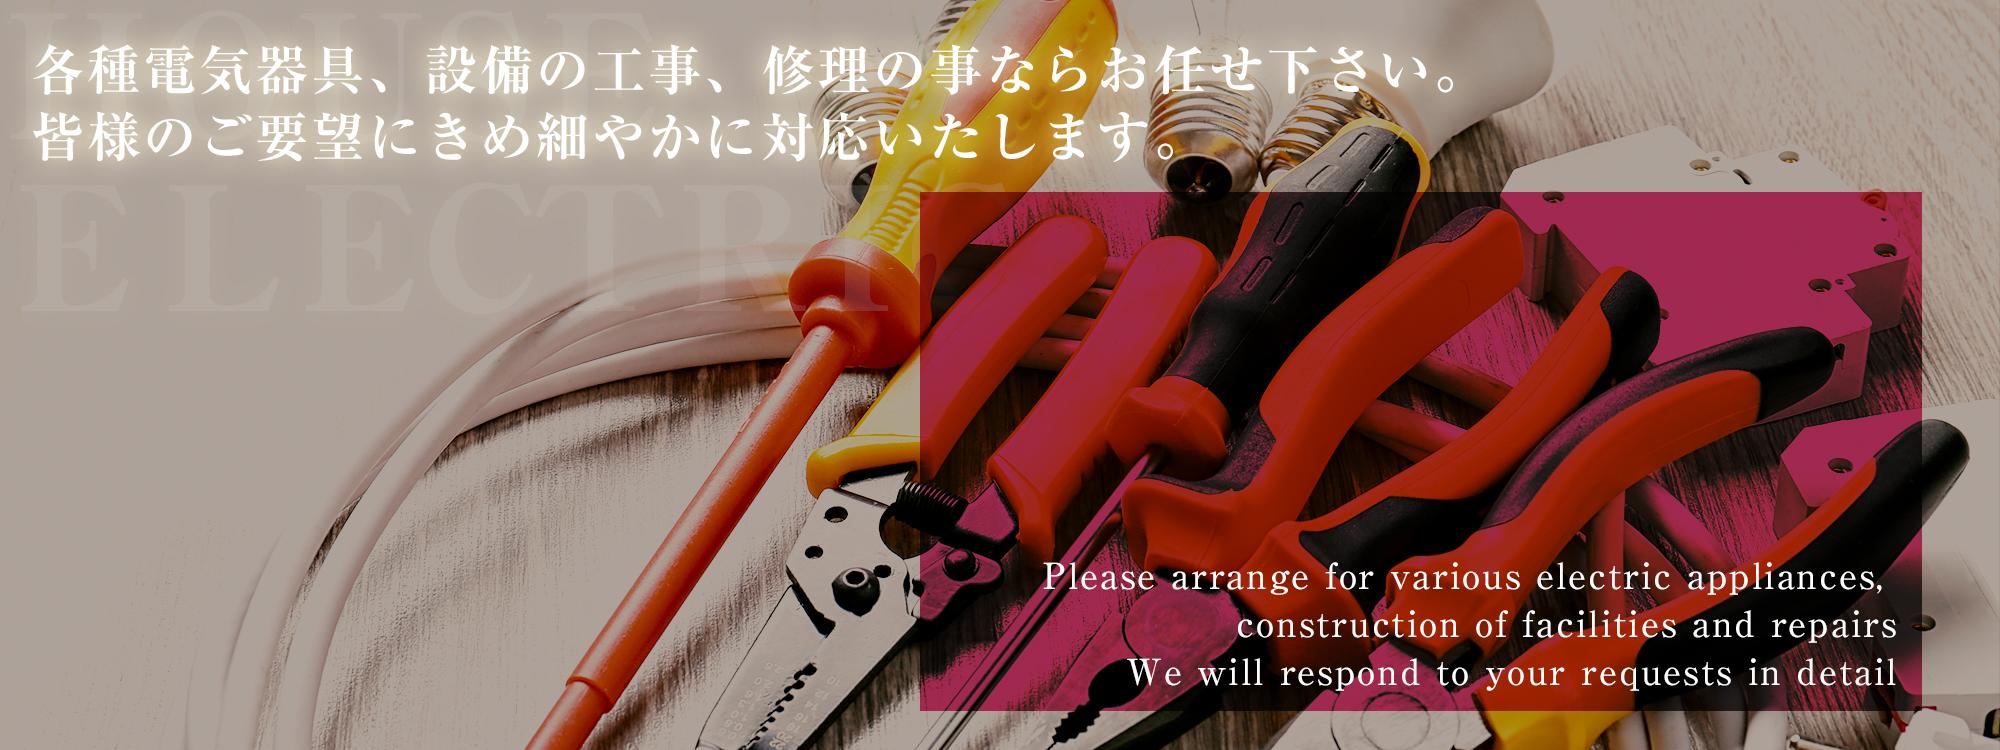 各種電気器具・設備の工事・修理の事ならお任せ下さい。 皆様のご要望に、きめ細やかに対応いたします。